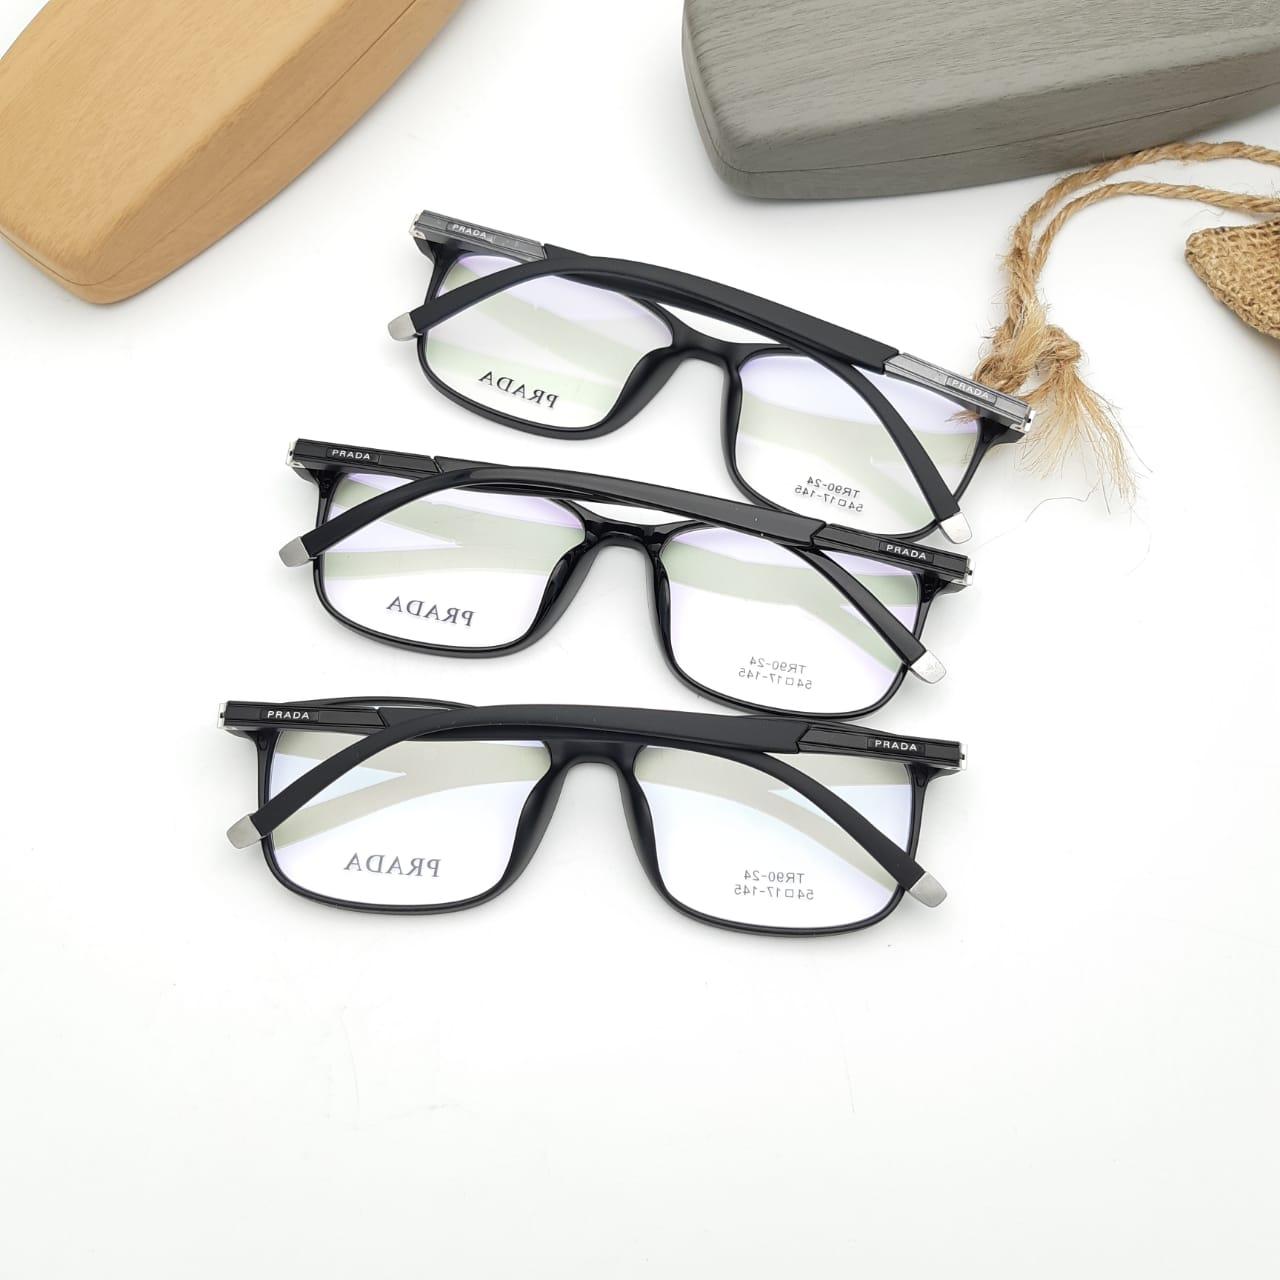 Jual Kacamata Frame Prada